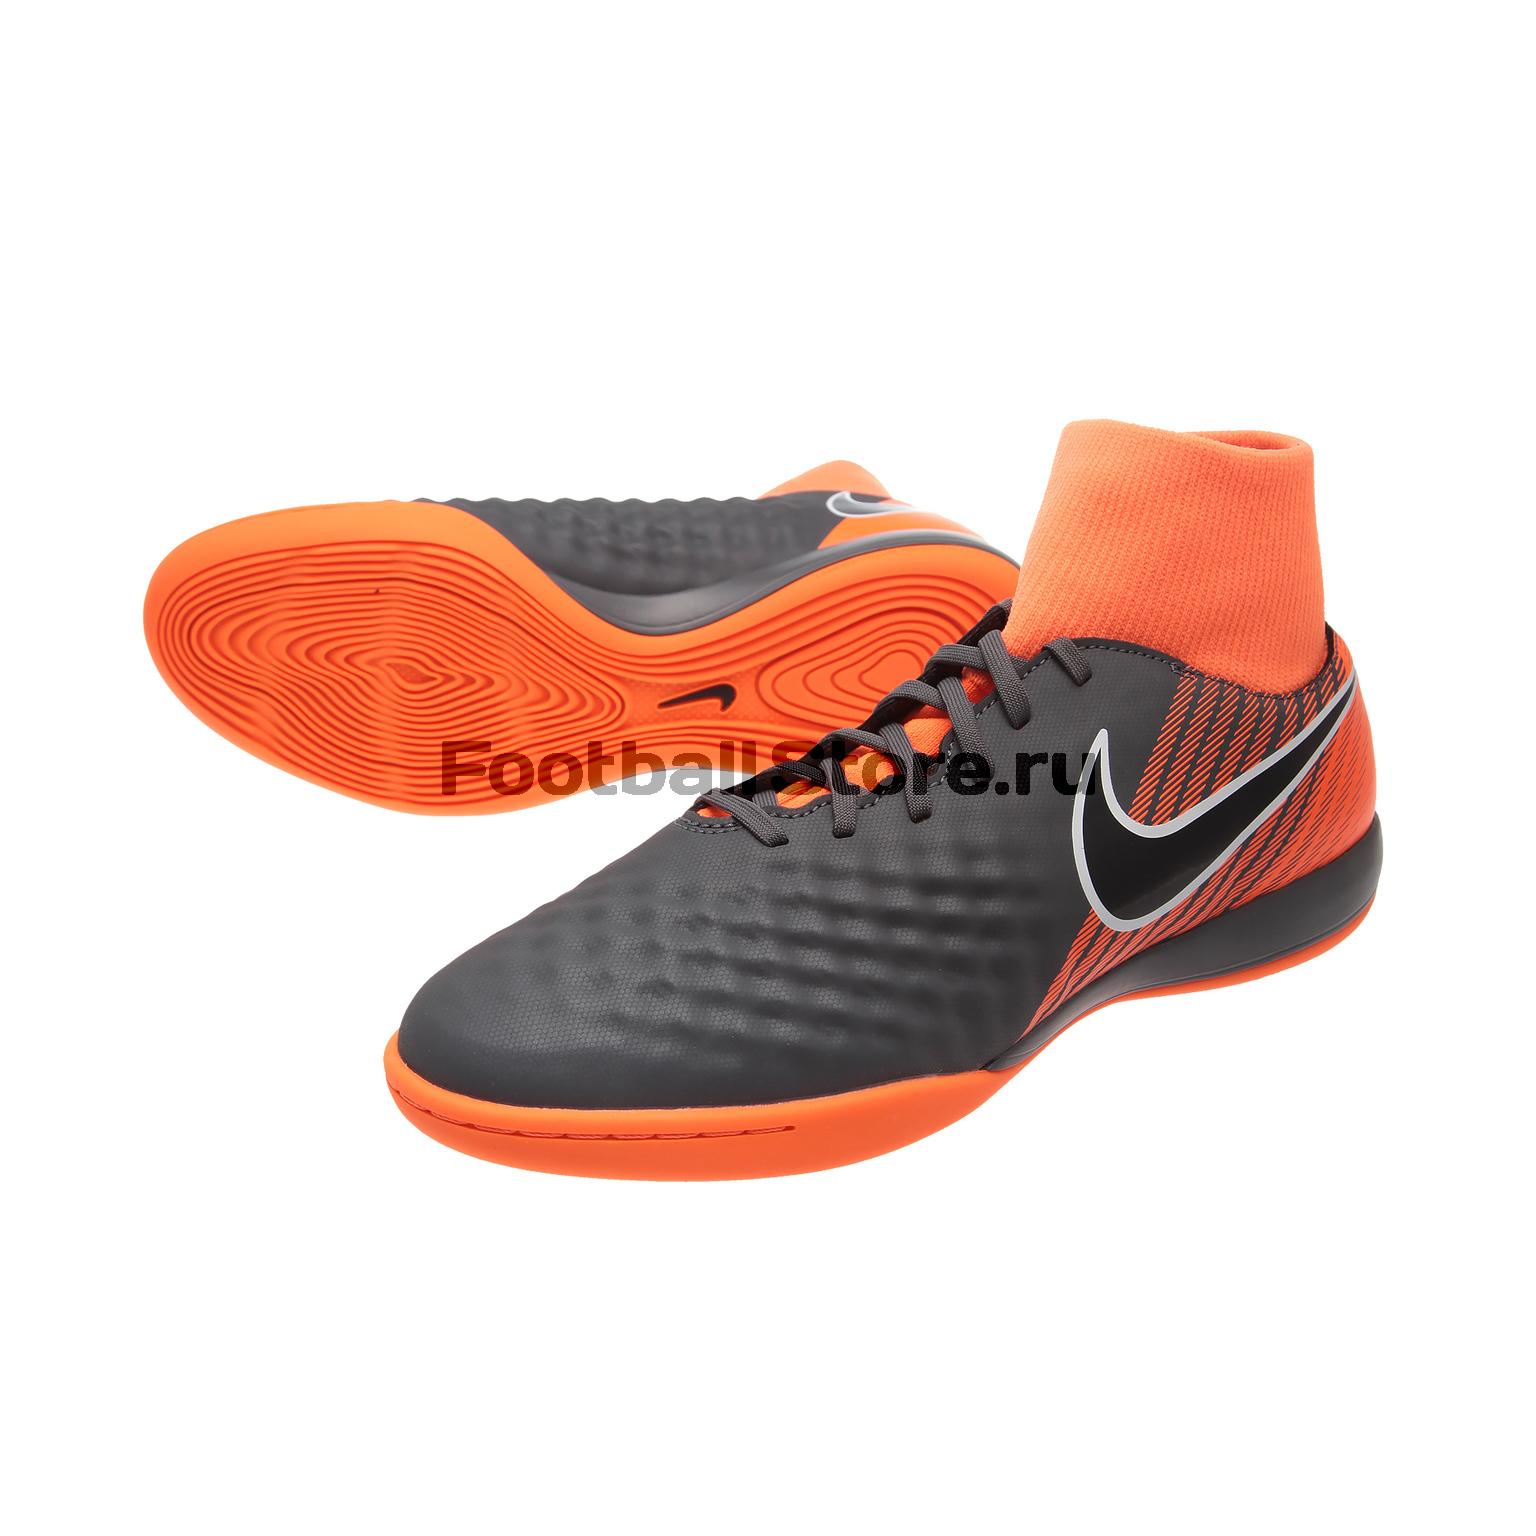 Обувь для зала Nike ObraX 2 Academy DF IC AH7309-080 детские бутсы nike бутсы nike jr phantom 3 elite df fg ah7292 081